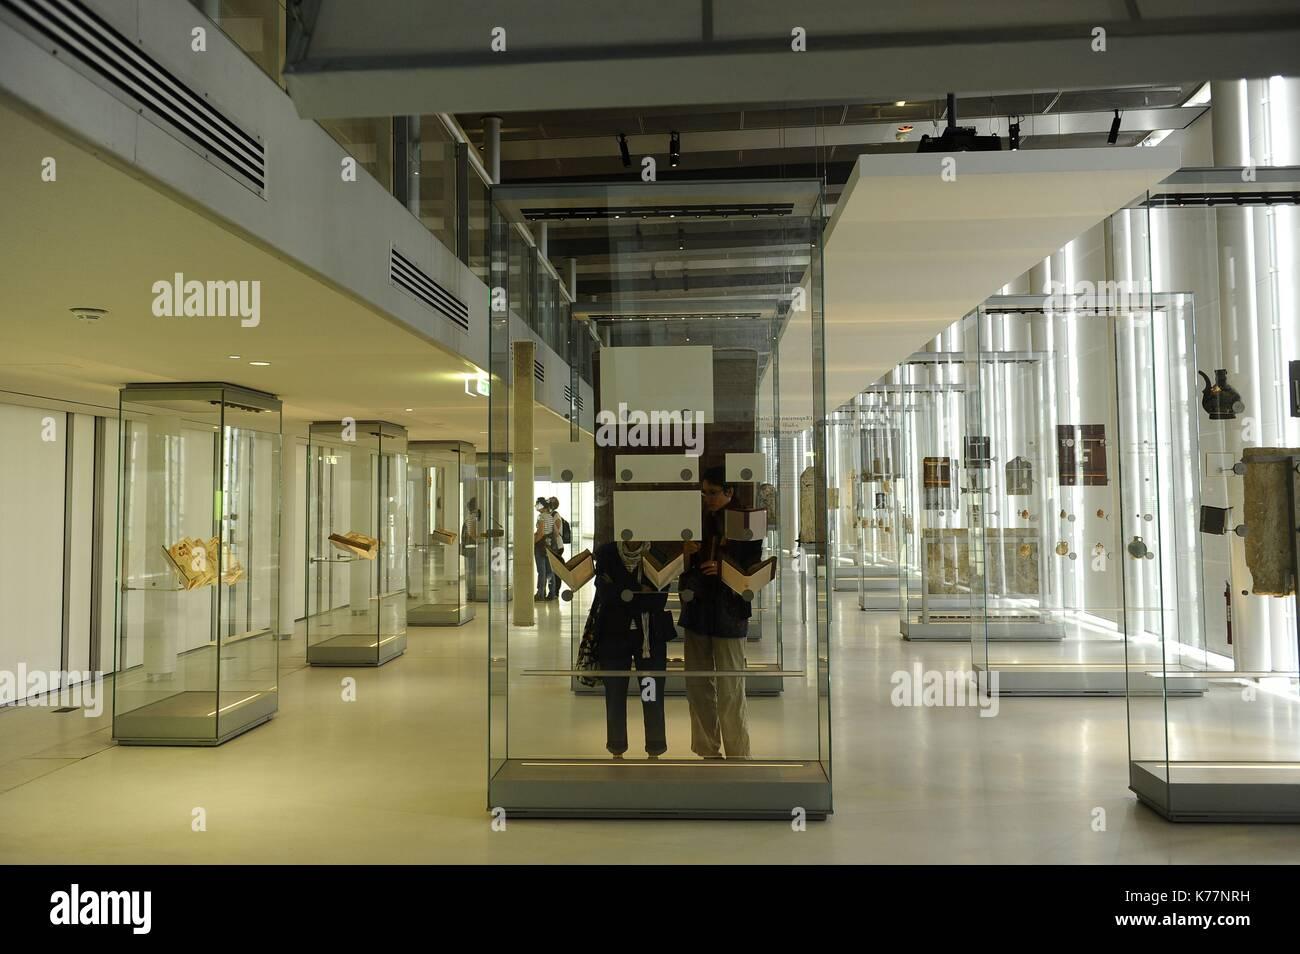 Frankreich, Paris, das Institut der Arabischen Welt (IMA) ist ein Pariser Kultur Institut der Arabischen Welt gewidmet Stockbild